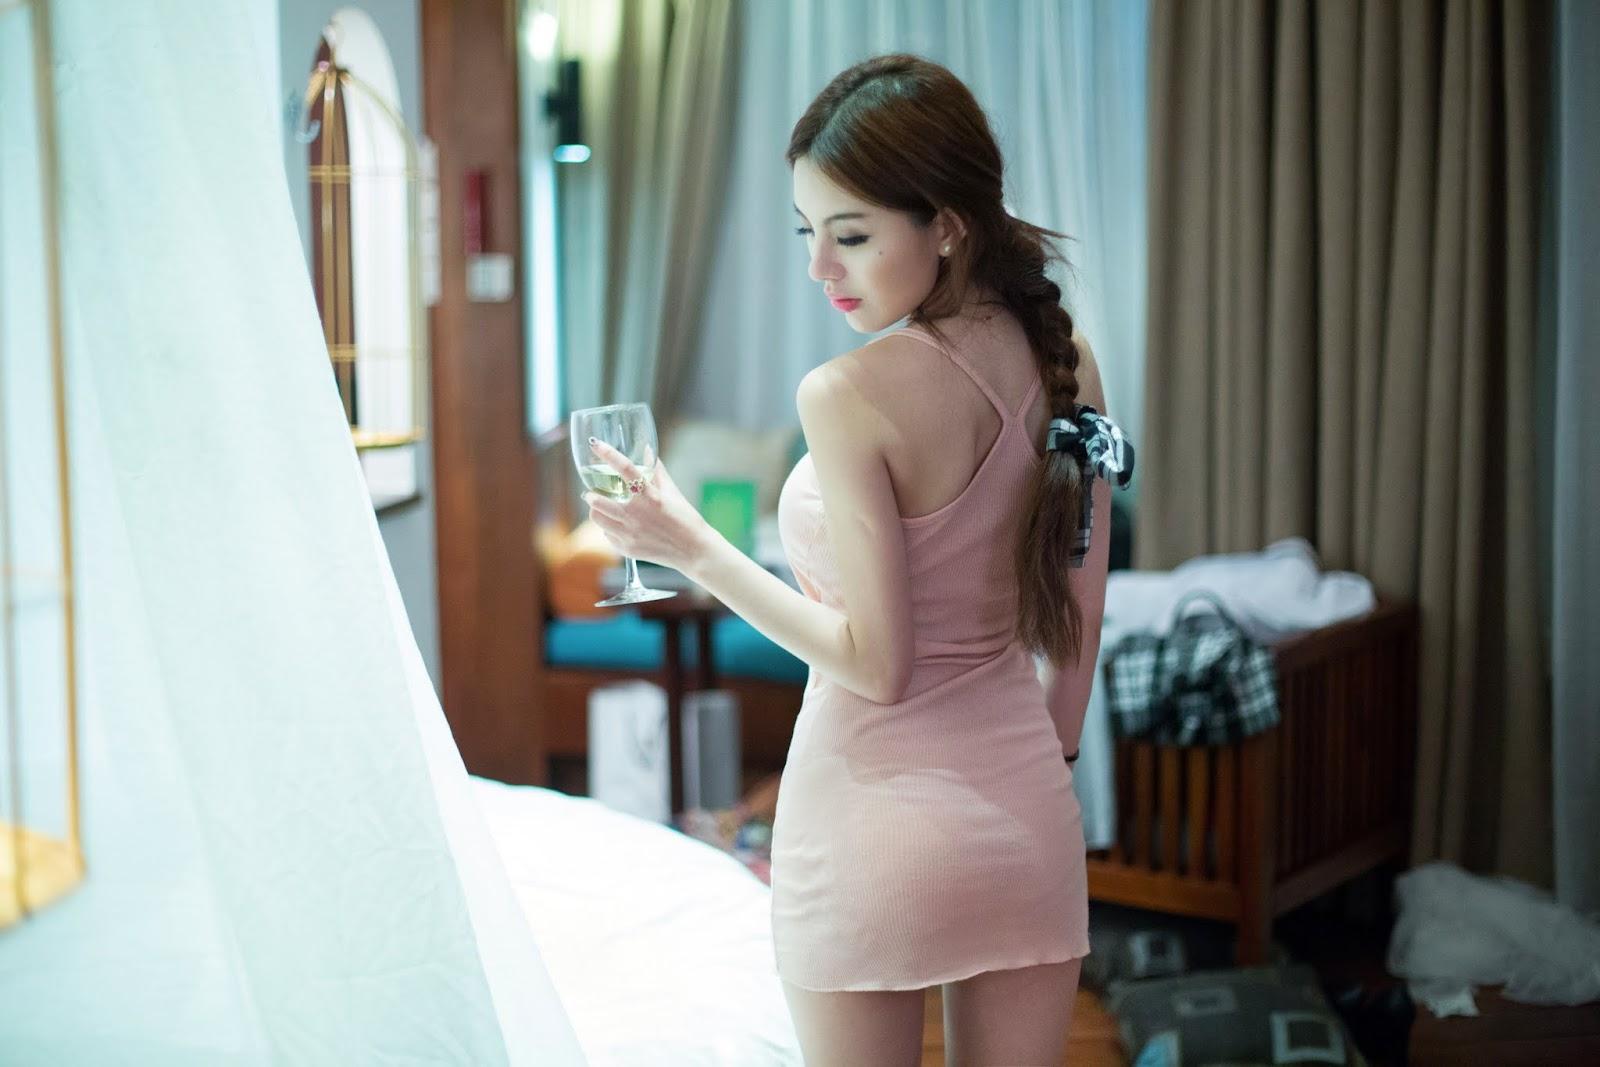 %252B%252B%252B%25C2%25AC %252B 51 - Naked Nude Girl TUIGIRL NO.51 Model